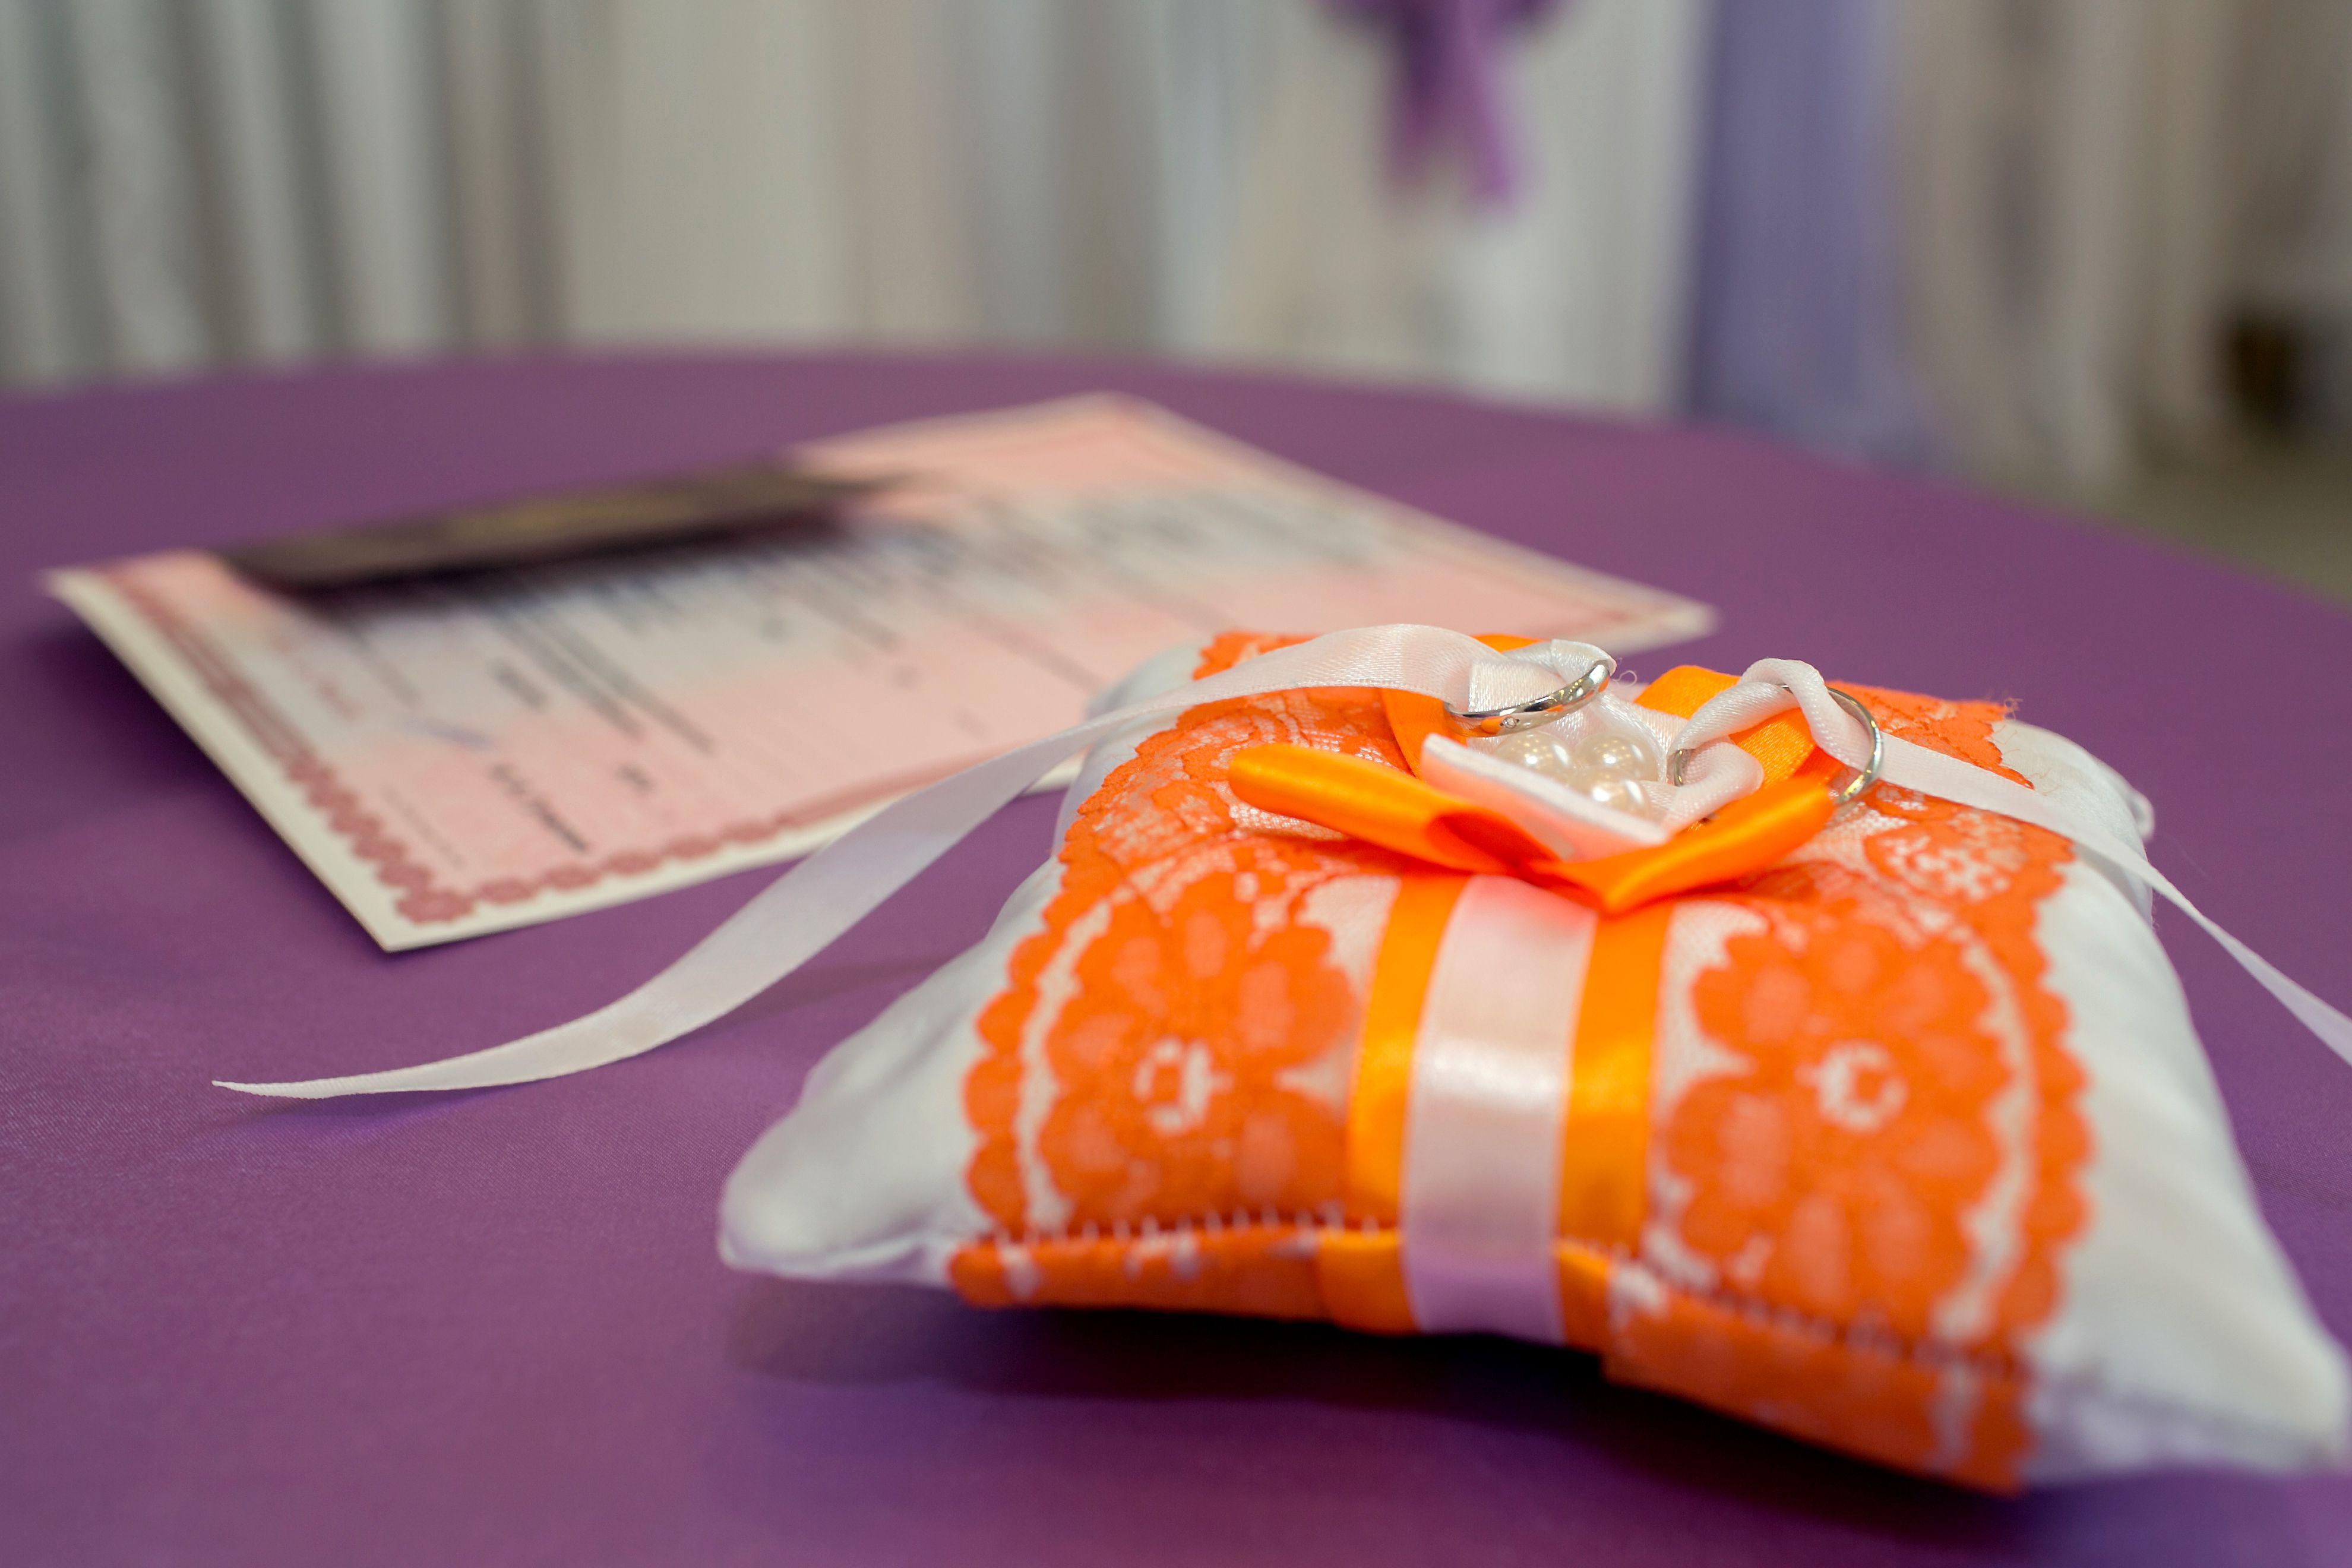 очаг ленты свадебный набор подушечка кружево свадьба аксессуары бутылки свадебныйнабор колец для свечи